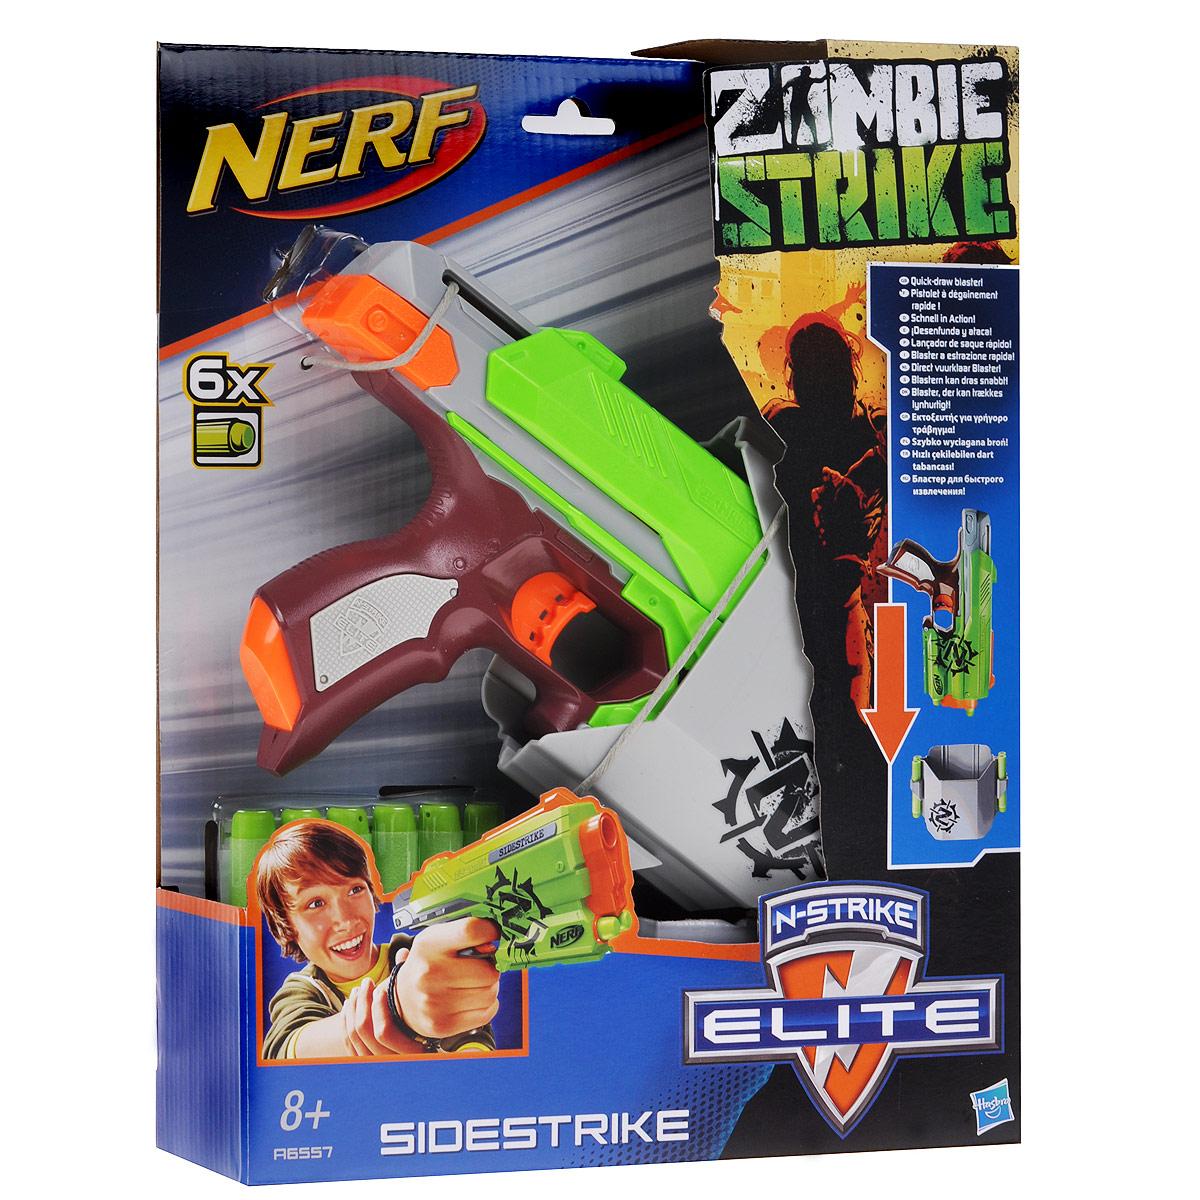 Nerf Бластер Зомби СайдстрайкA6557E24Бластер Nerf Зомби Сайдстрайк позволит вашему ребенку почувствовать себя во всеоружии! Выполненный из яркого безопасного пластика, он представляет собой стильный бластер, стреляющий на расстояние до 22 метров. Для того, что выстрелить, необходимо нажать на курок. В комплект входят шесть мягких стрел серии Элит/Зомби и кобура для крепления к поясу. Игра с бластером Зомби Сайдстрайк поможет ребенку в развитии меткости, ловкости, координации движений и сноровки.